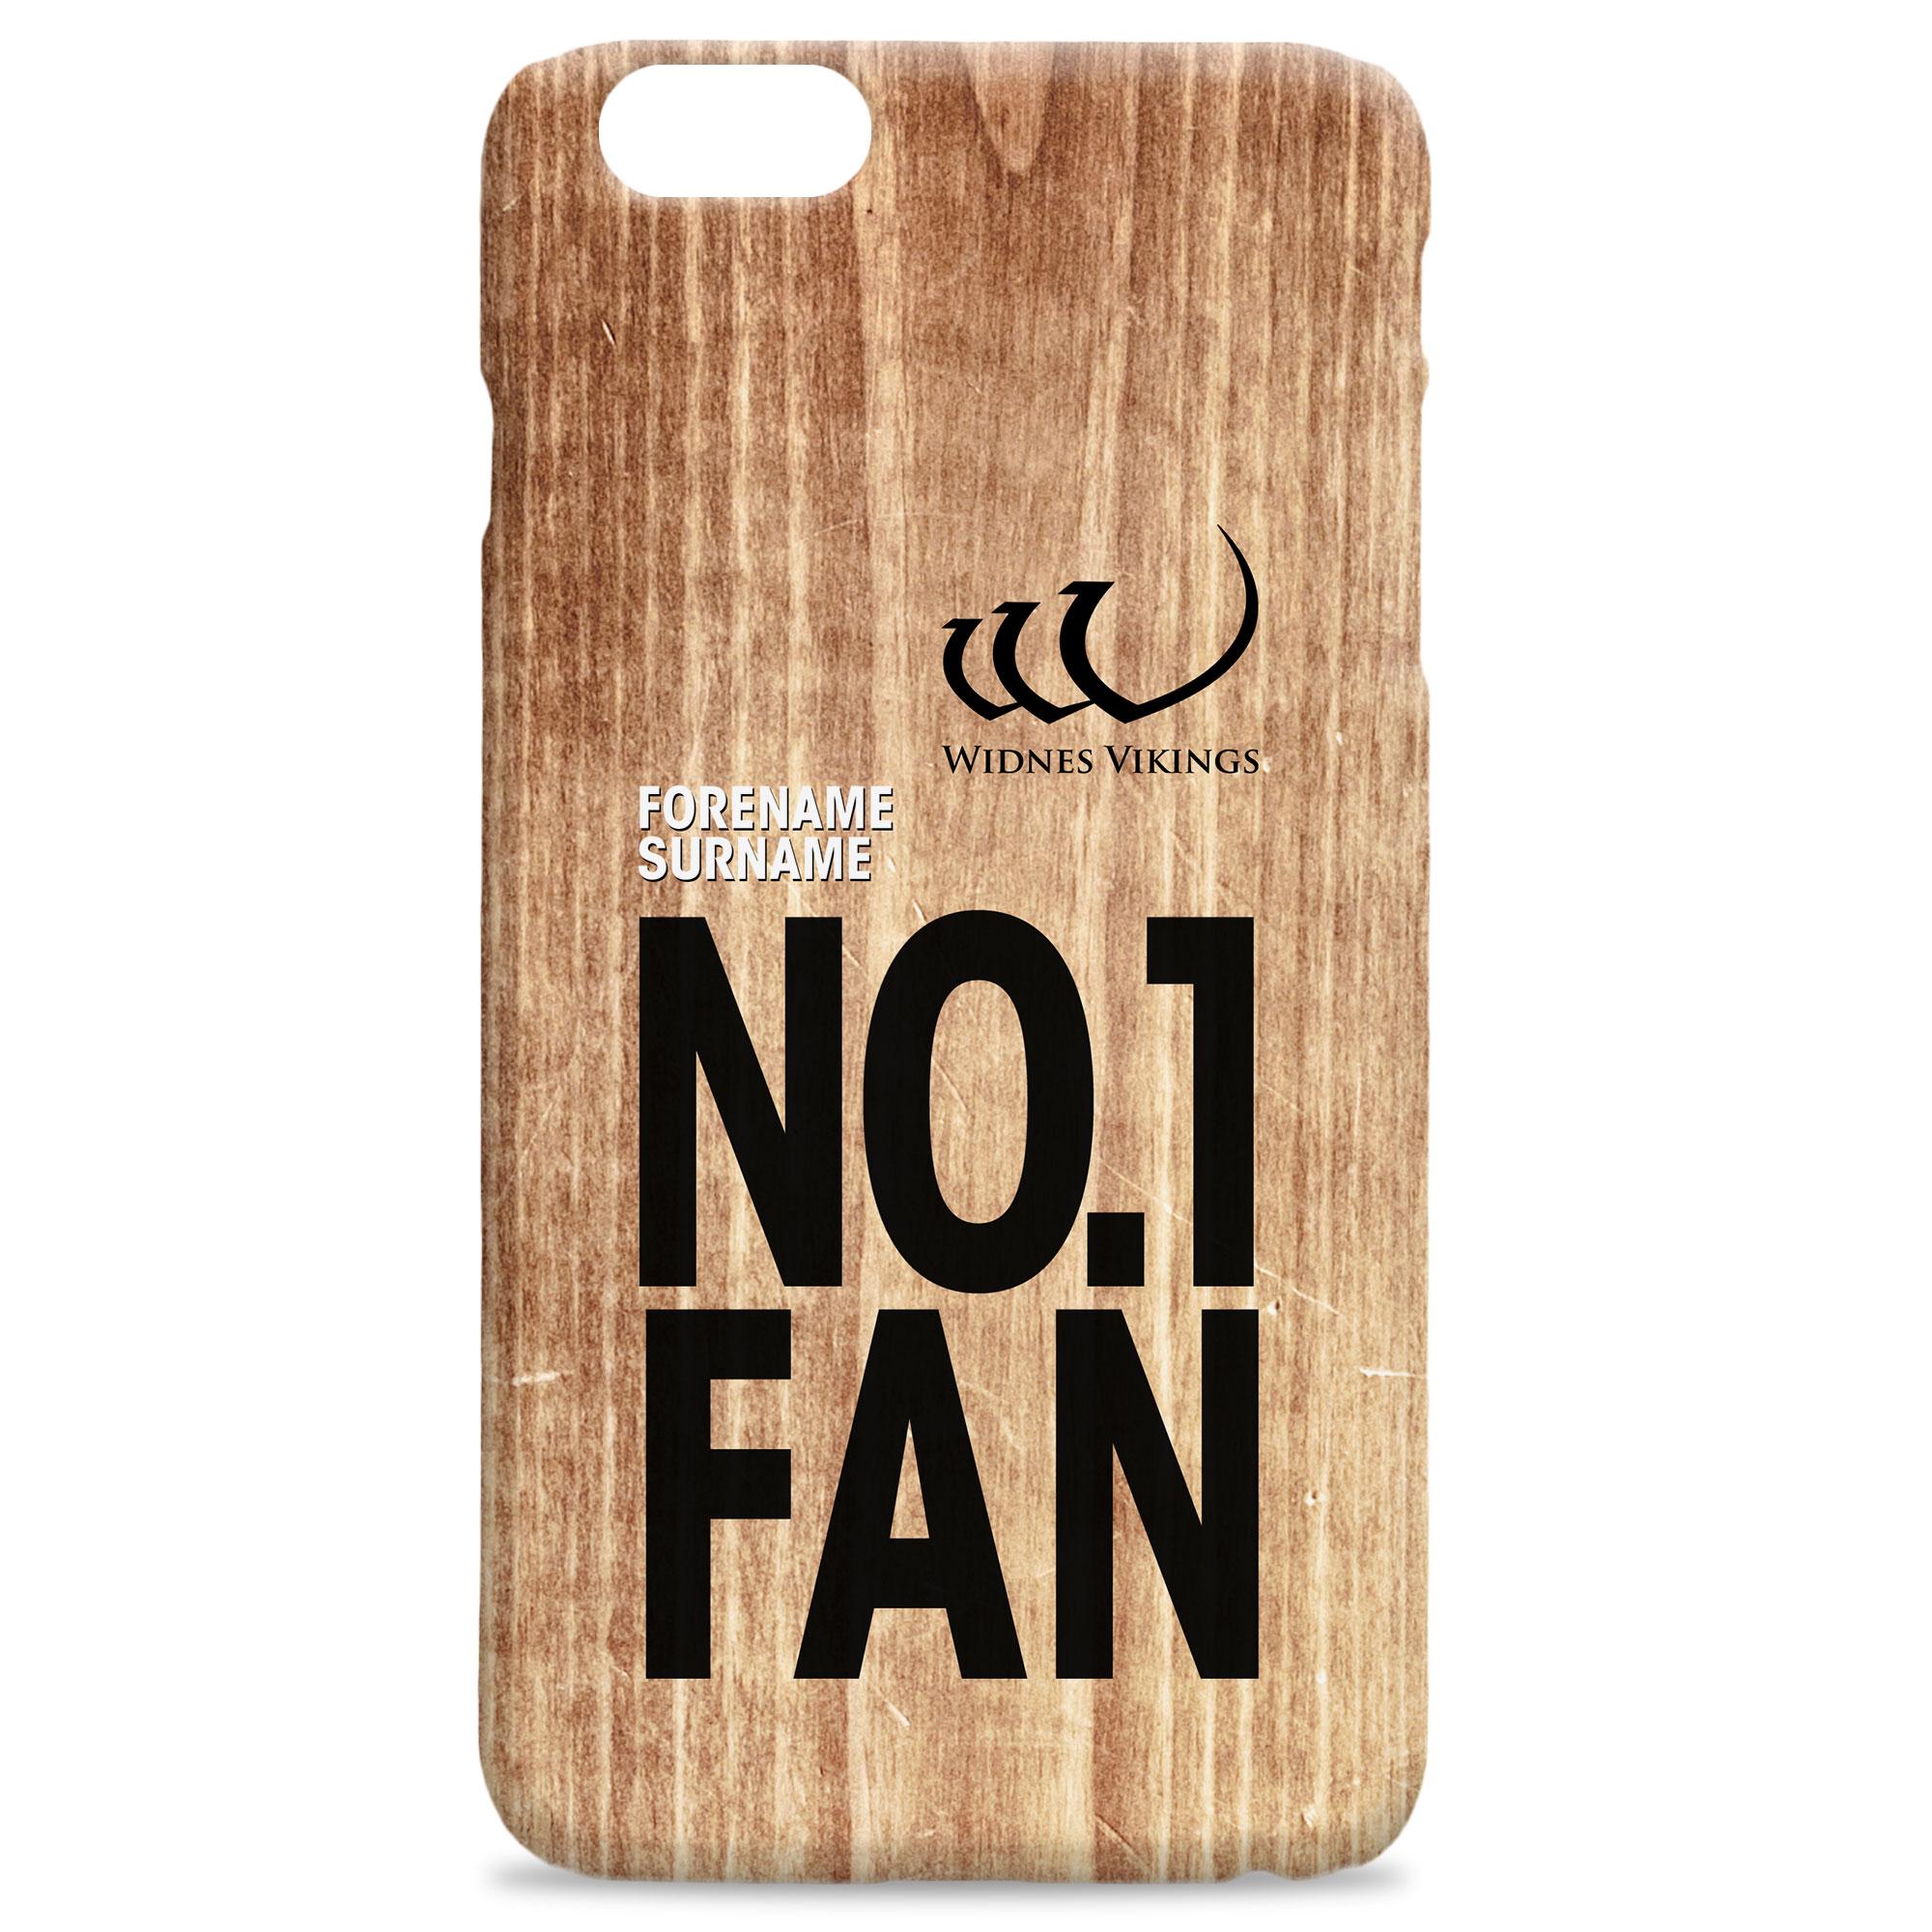 Widnes Vikings No 1 Fan Hard Back Phone Case